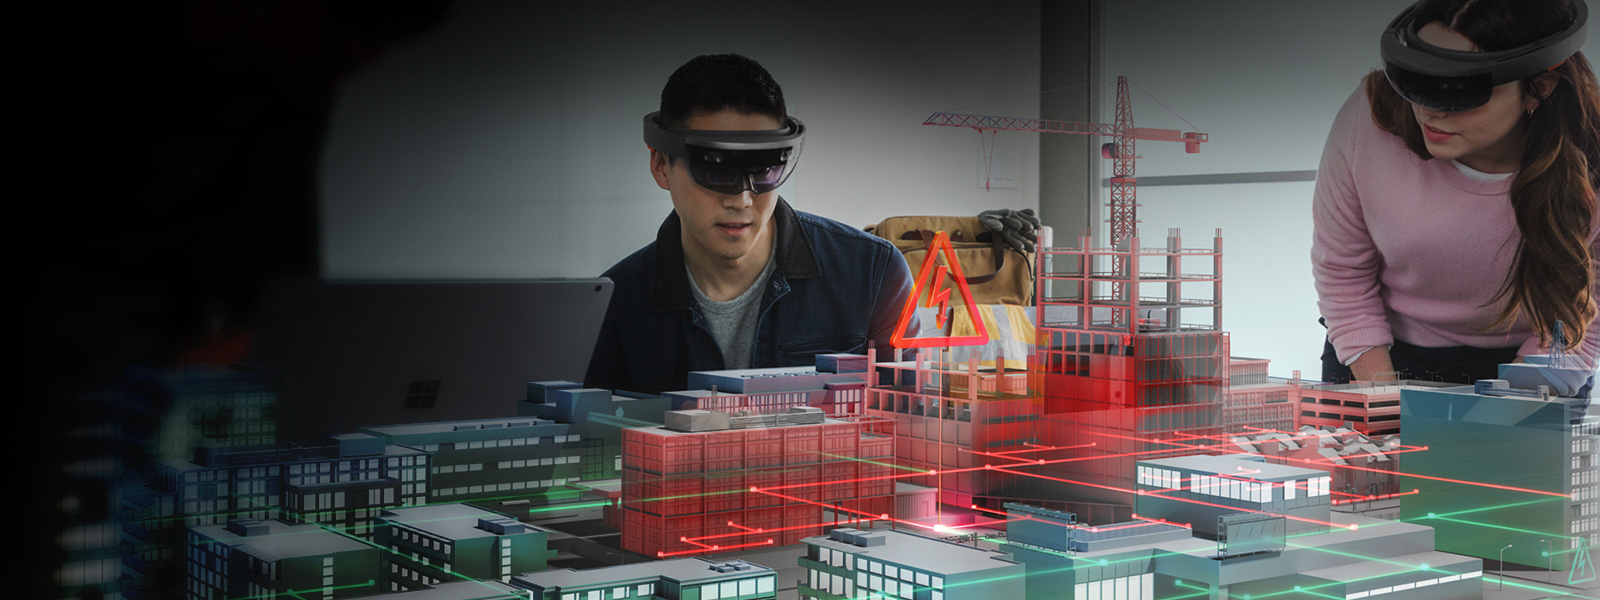 Muž ažena, kteří se dívají pomocí brýlí HoloLens na virtuální konstrukční model